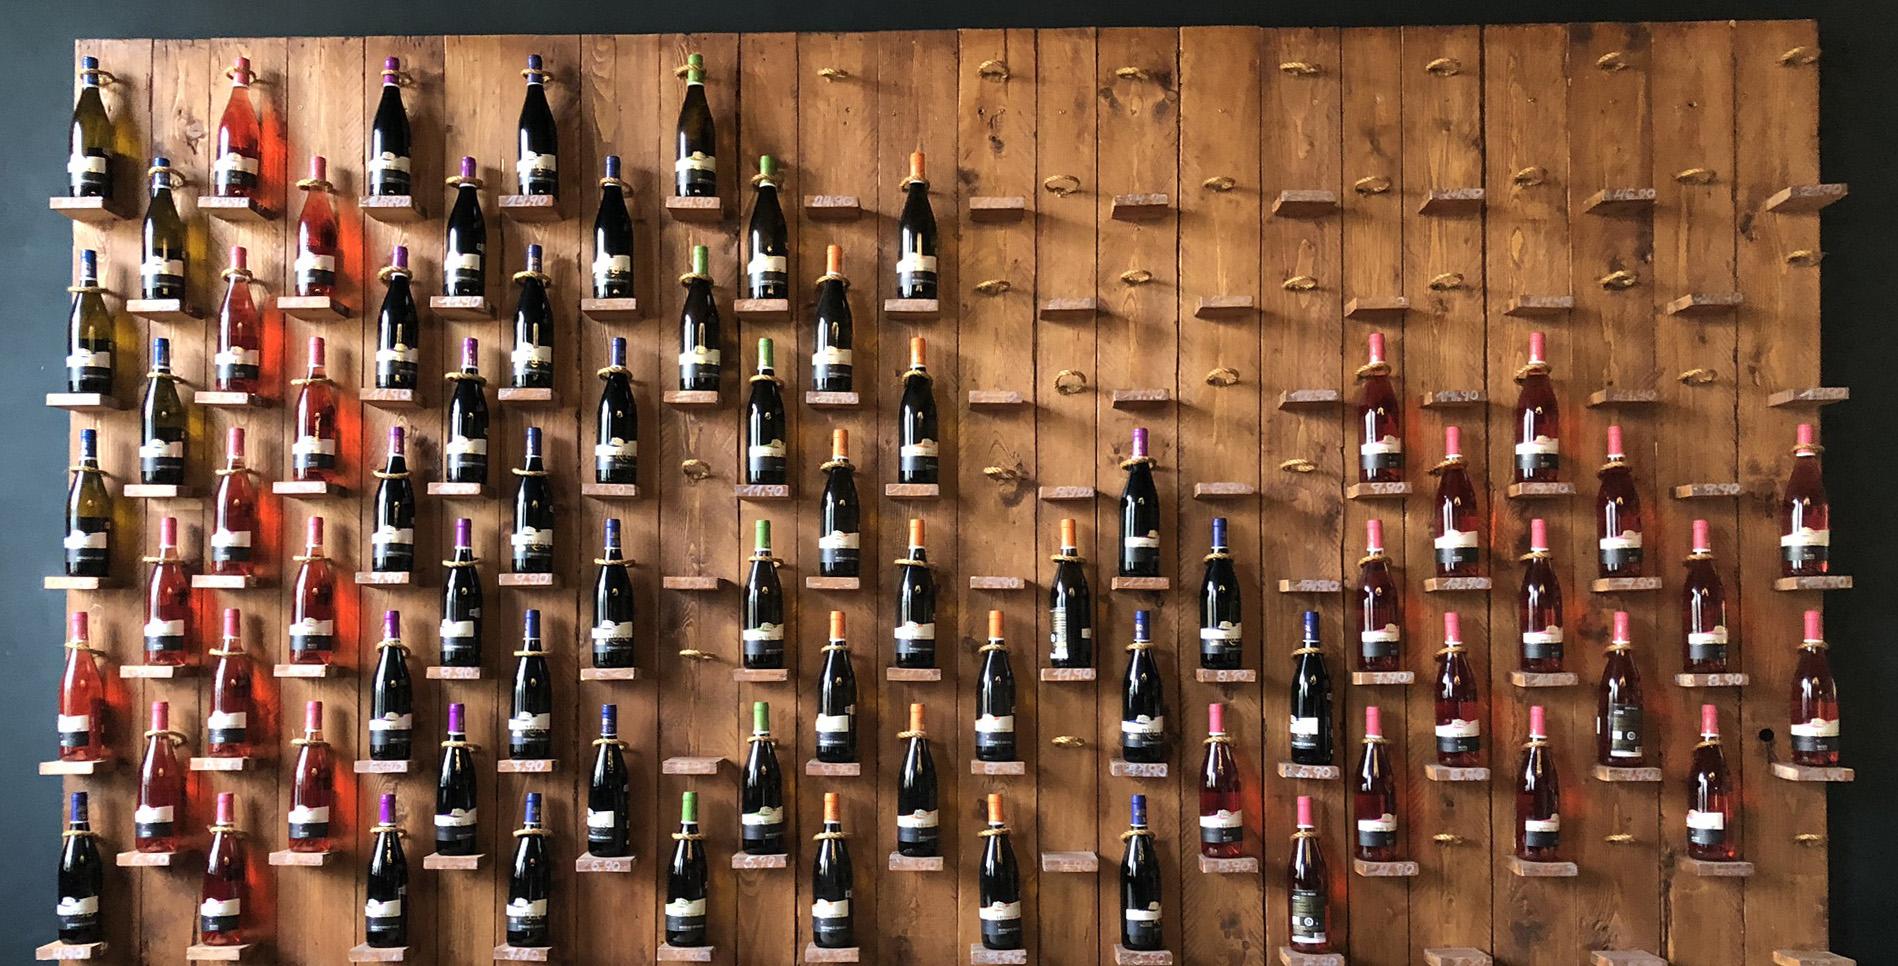 Ein Wand voller Wein bei Iulians Wein